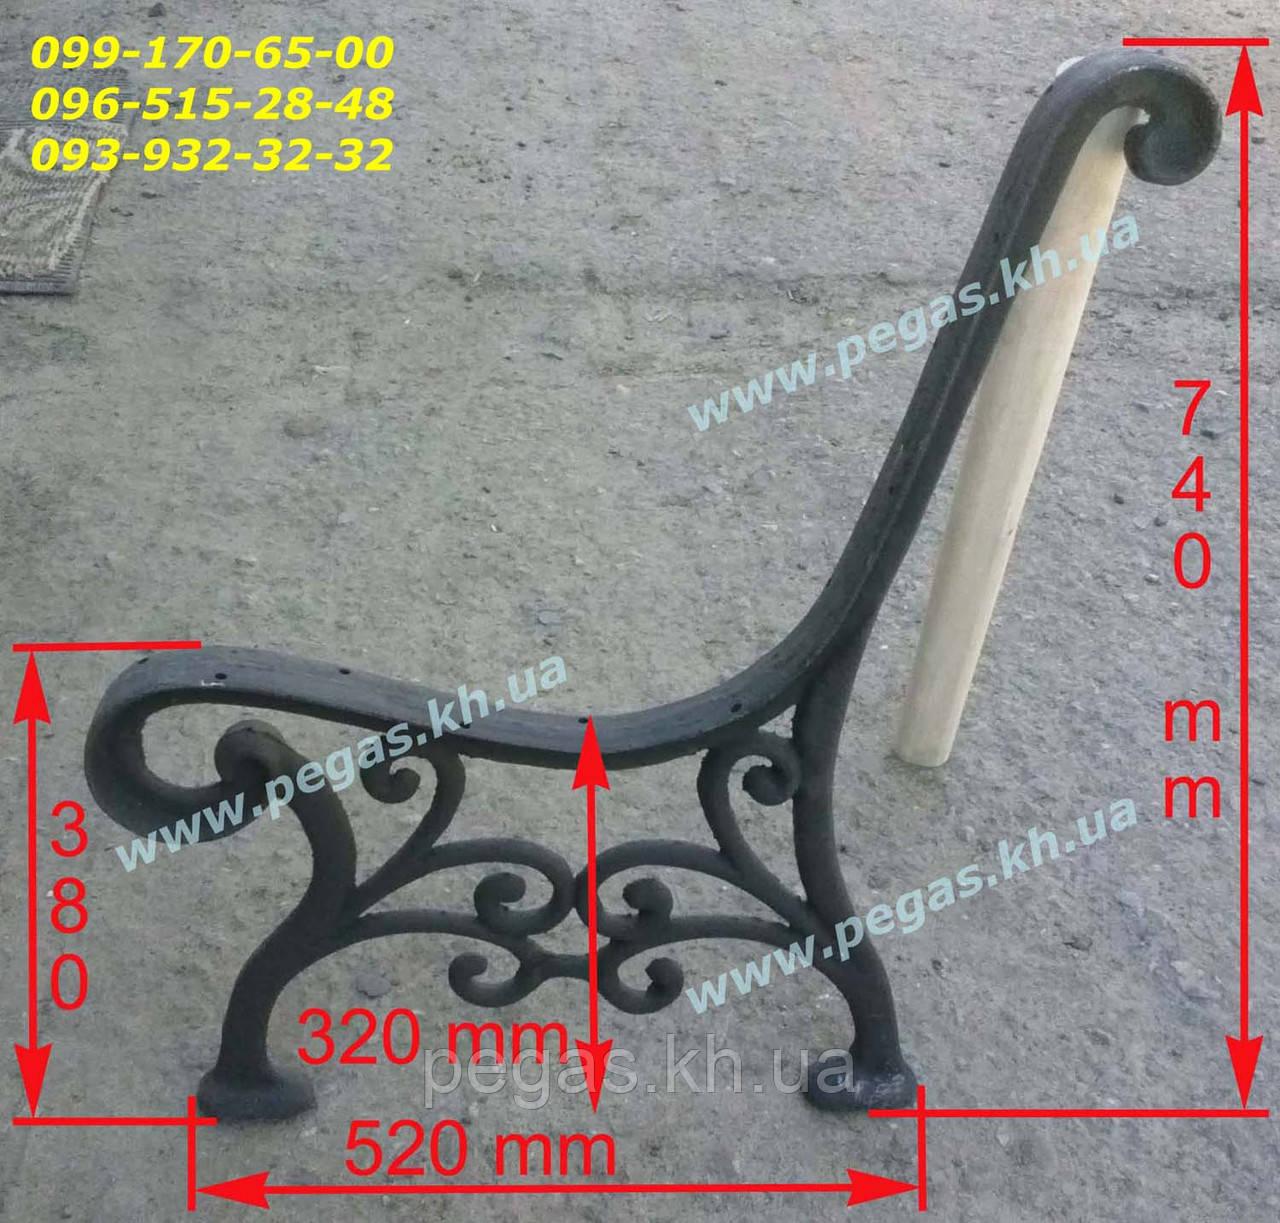 Ножки чугунные для скамейки (лавочки) чугунное литье